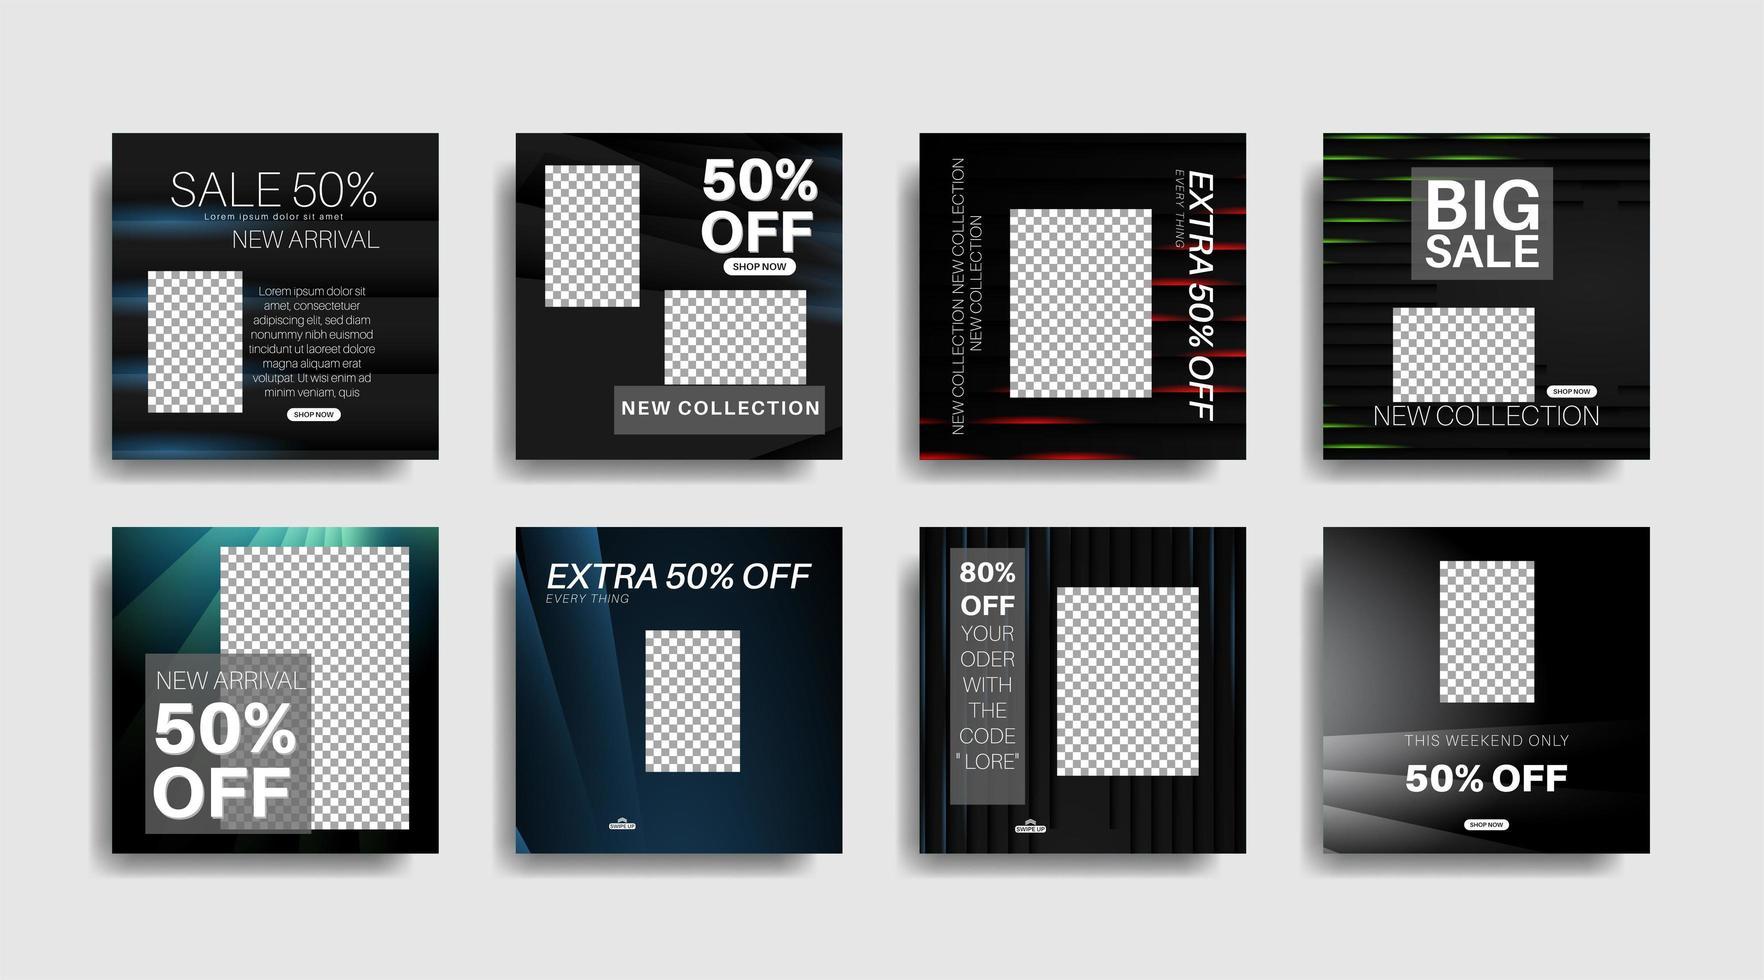 modernes Werbequadrat-Webbanner für soziale Medien. Vektor-Design-Illustration vektor